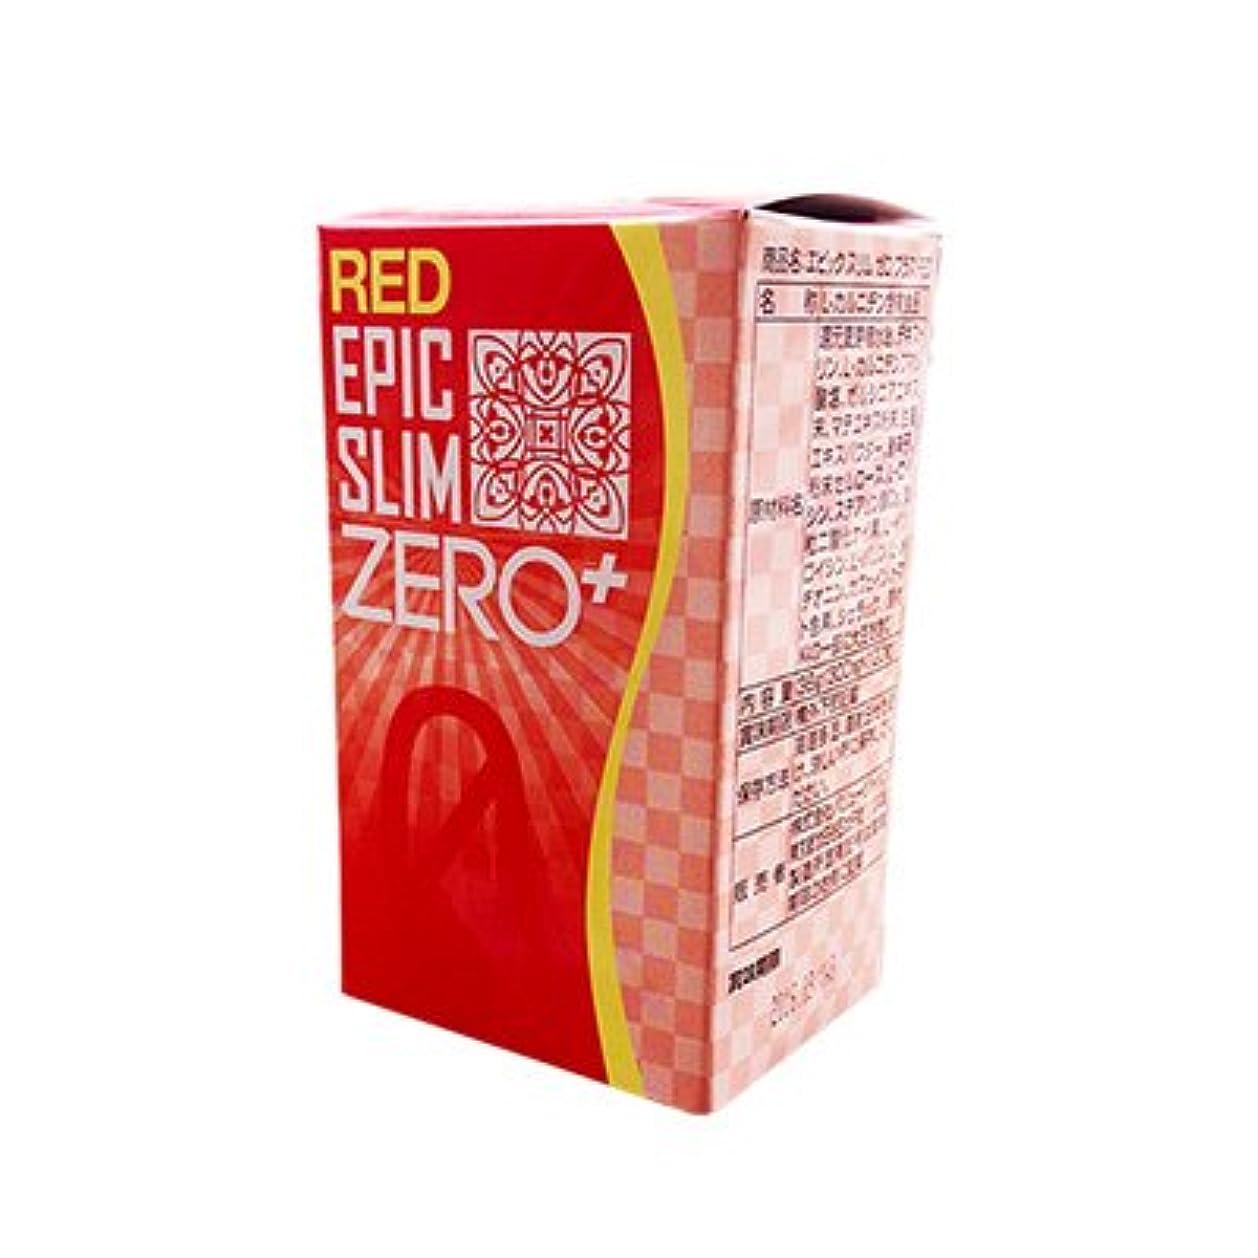 地平線ギャング研磨剤レッド エピックスリム ゼロ レッド Epic Slim ZERO RED